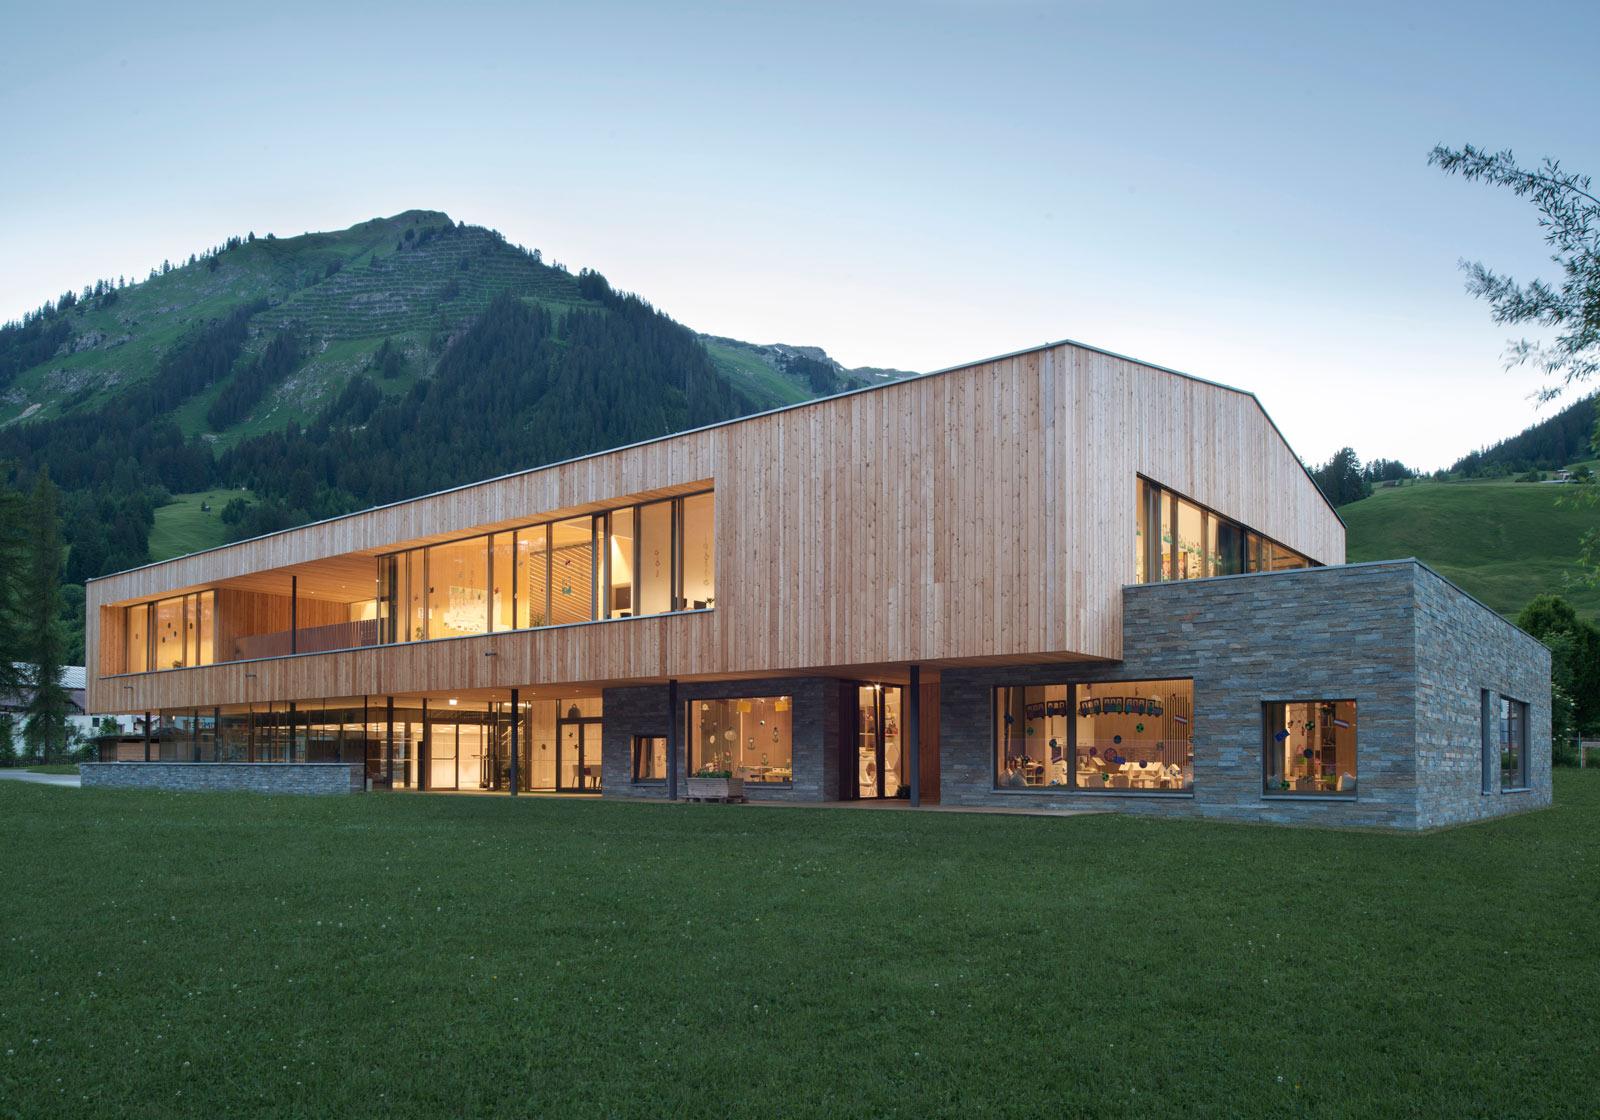 Der ruhige Holzkörper liegt auf einem steinernen Sockel, eine im Lechtal übliche und in einer langen Tradition stehende Bauweise. Foto: ATP/Philipp